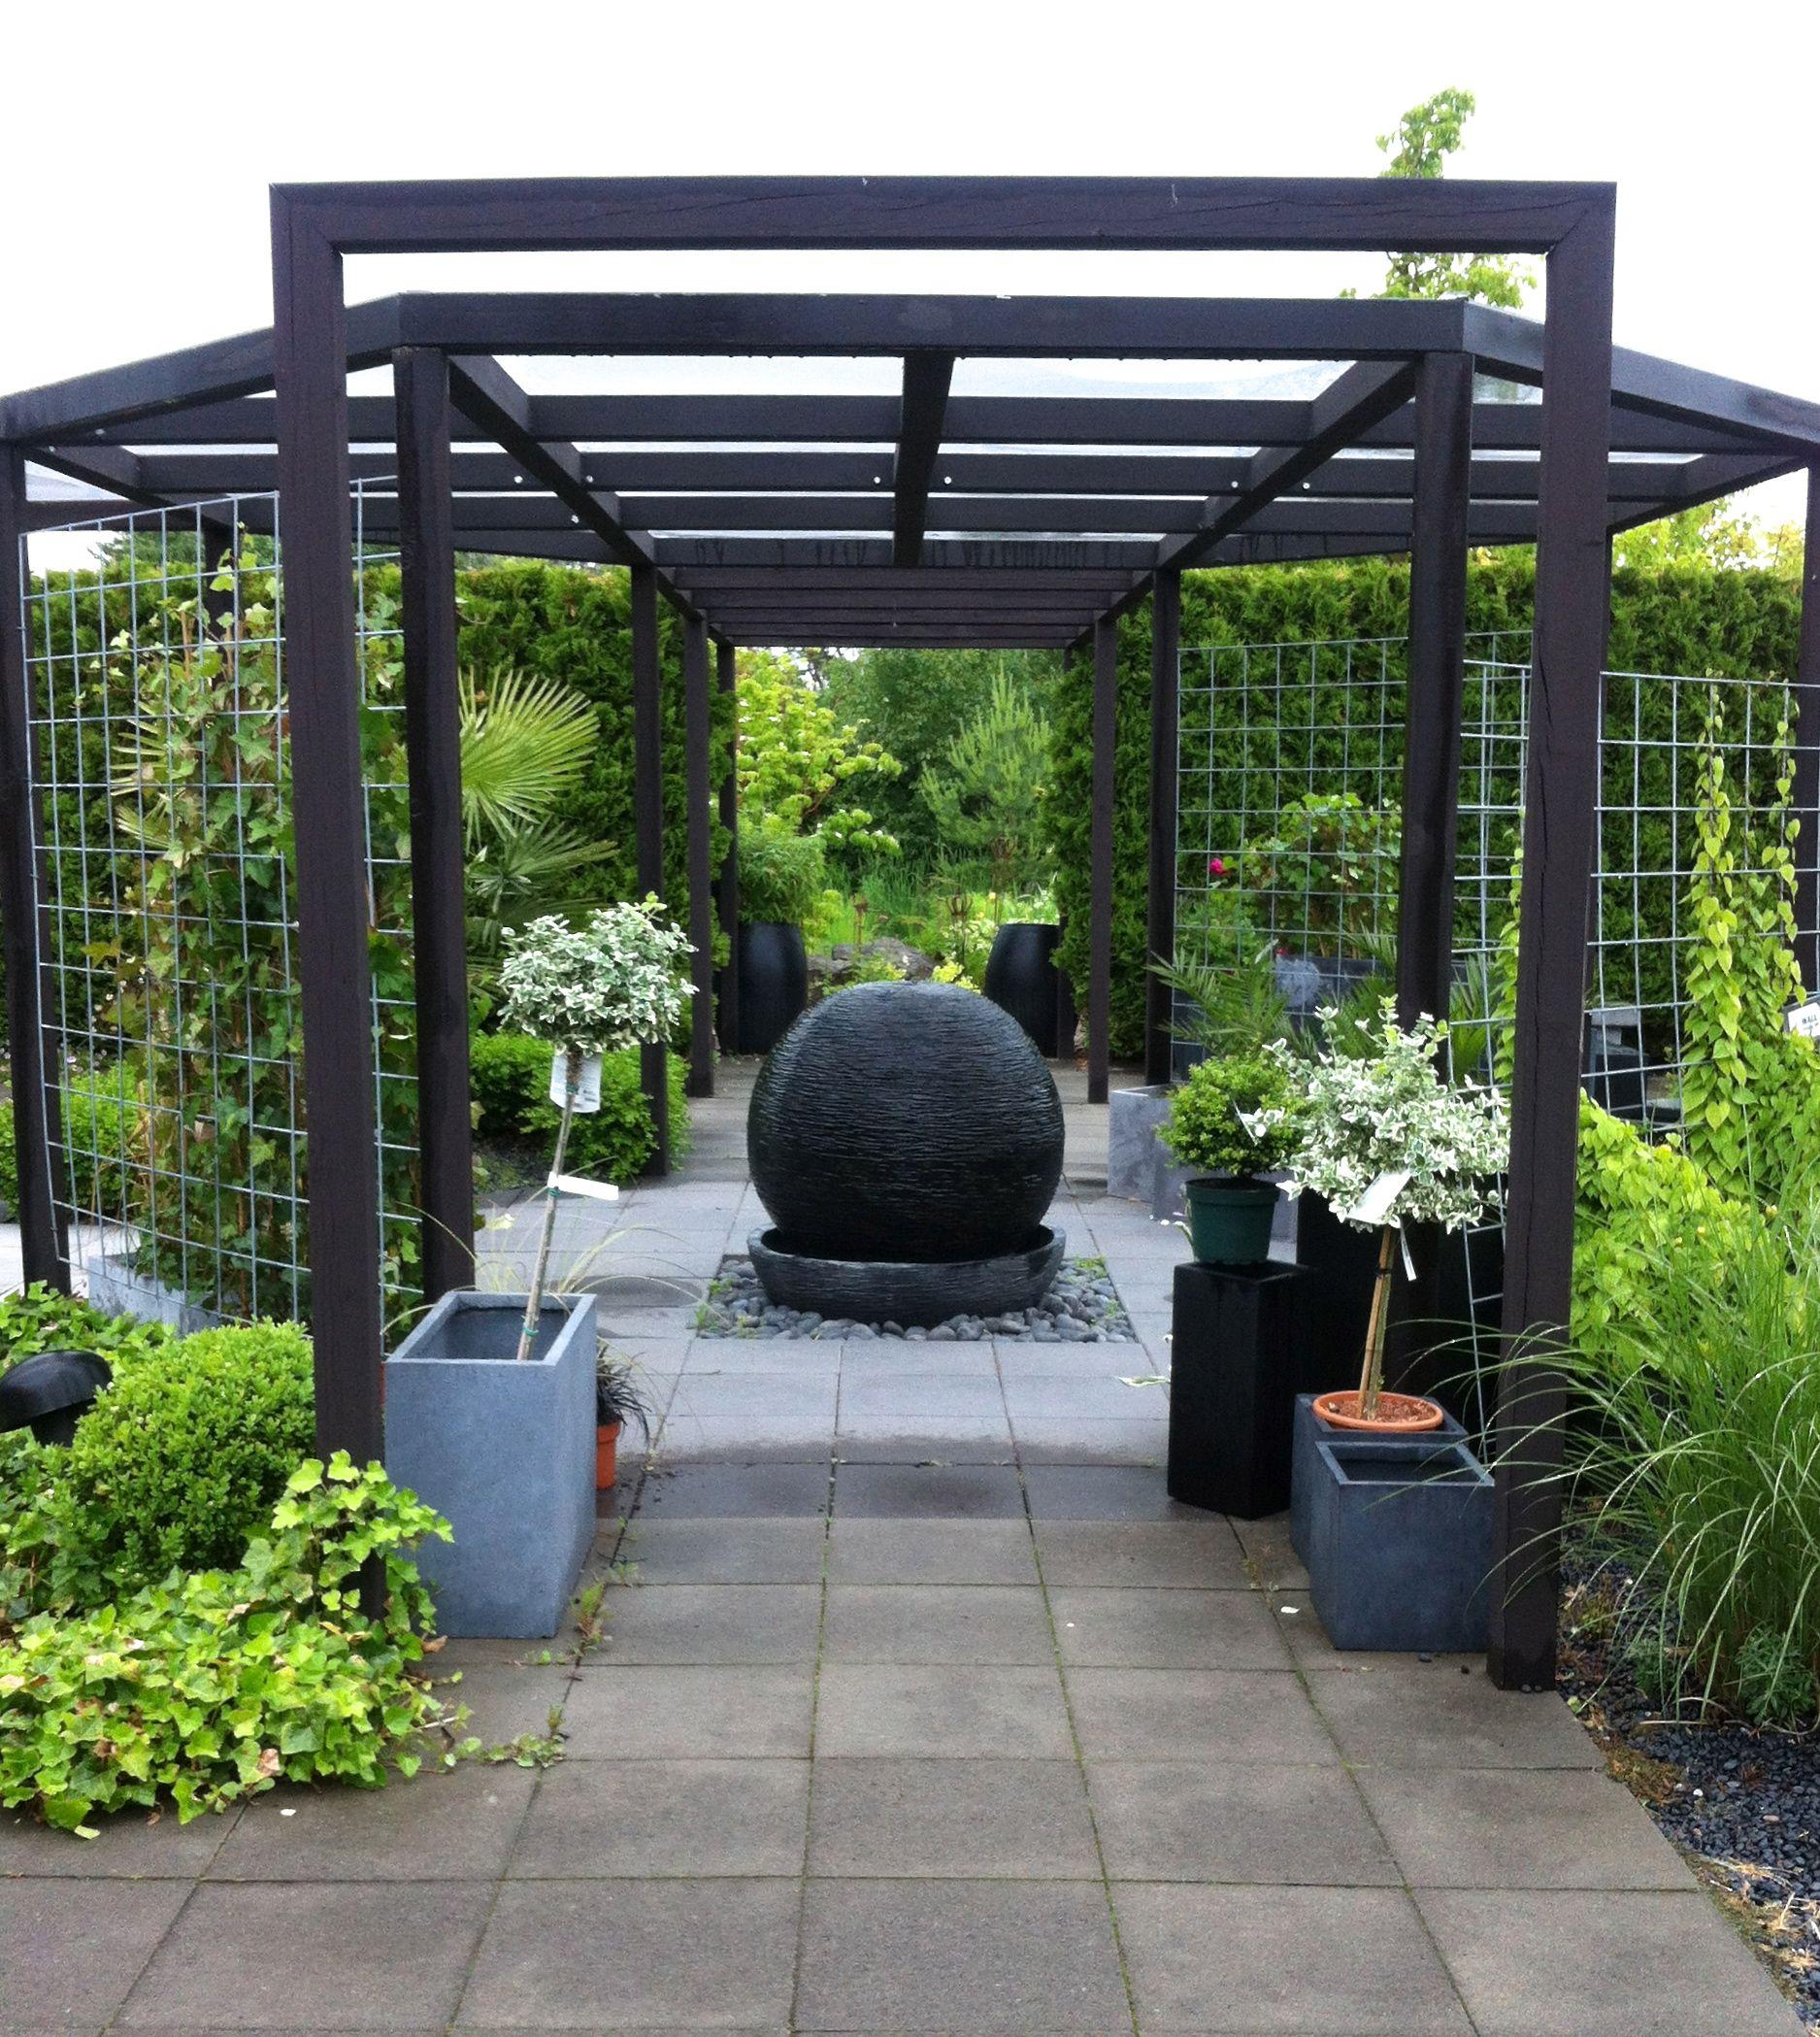 3 Balcony Garden Designs For Inspiration: Trädgård Pergola, Trädgård